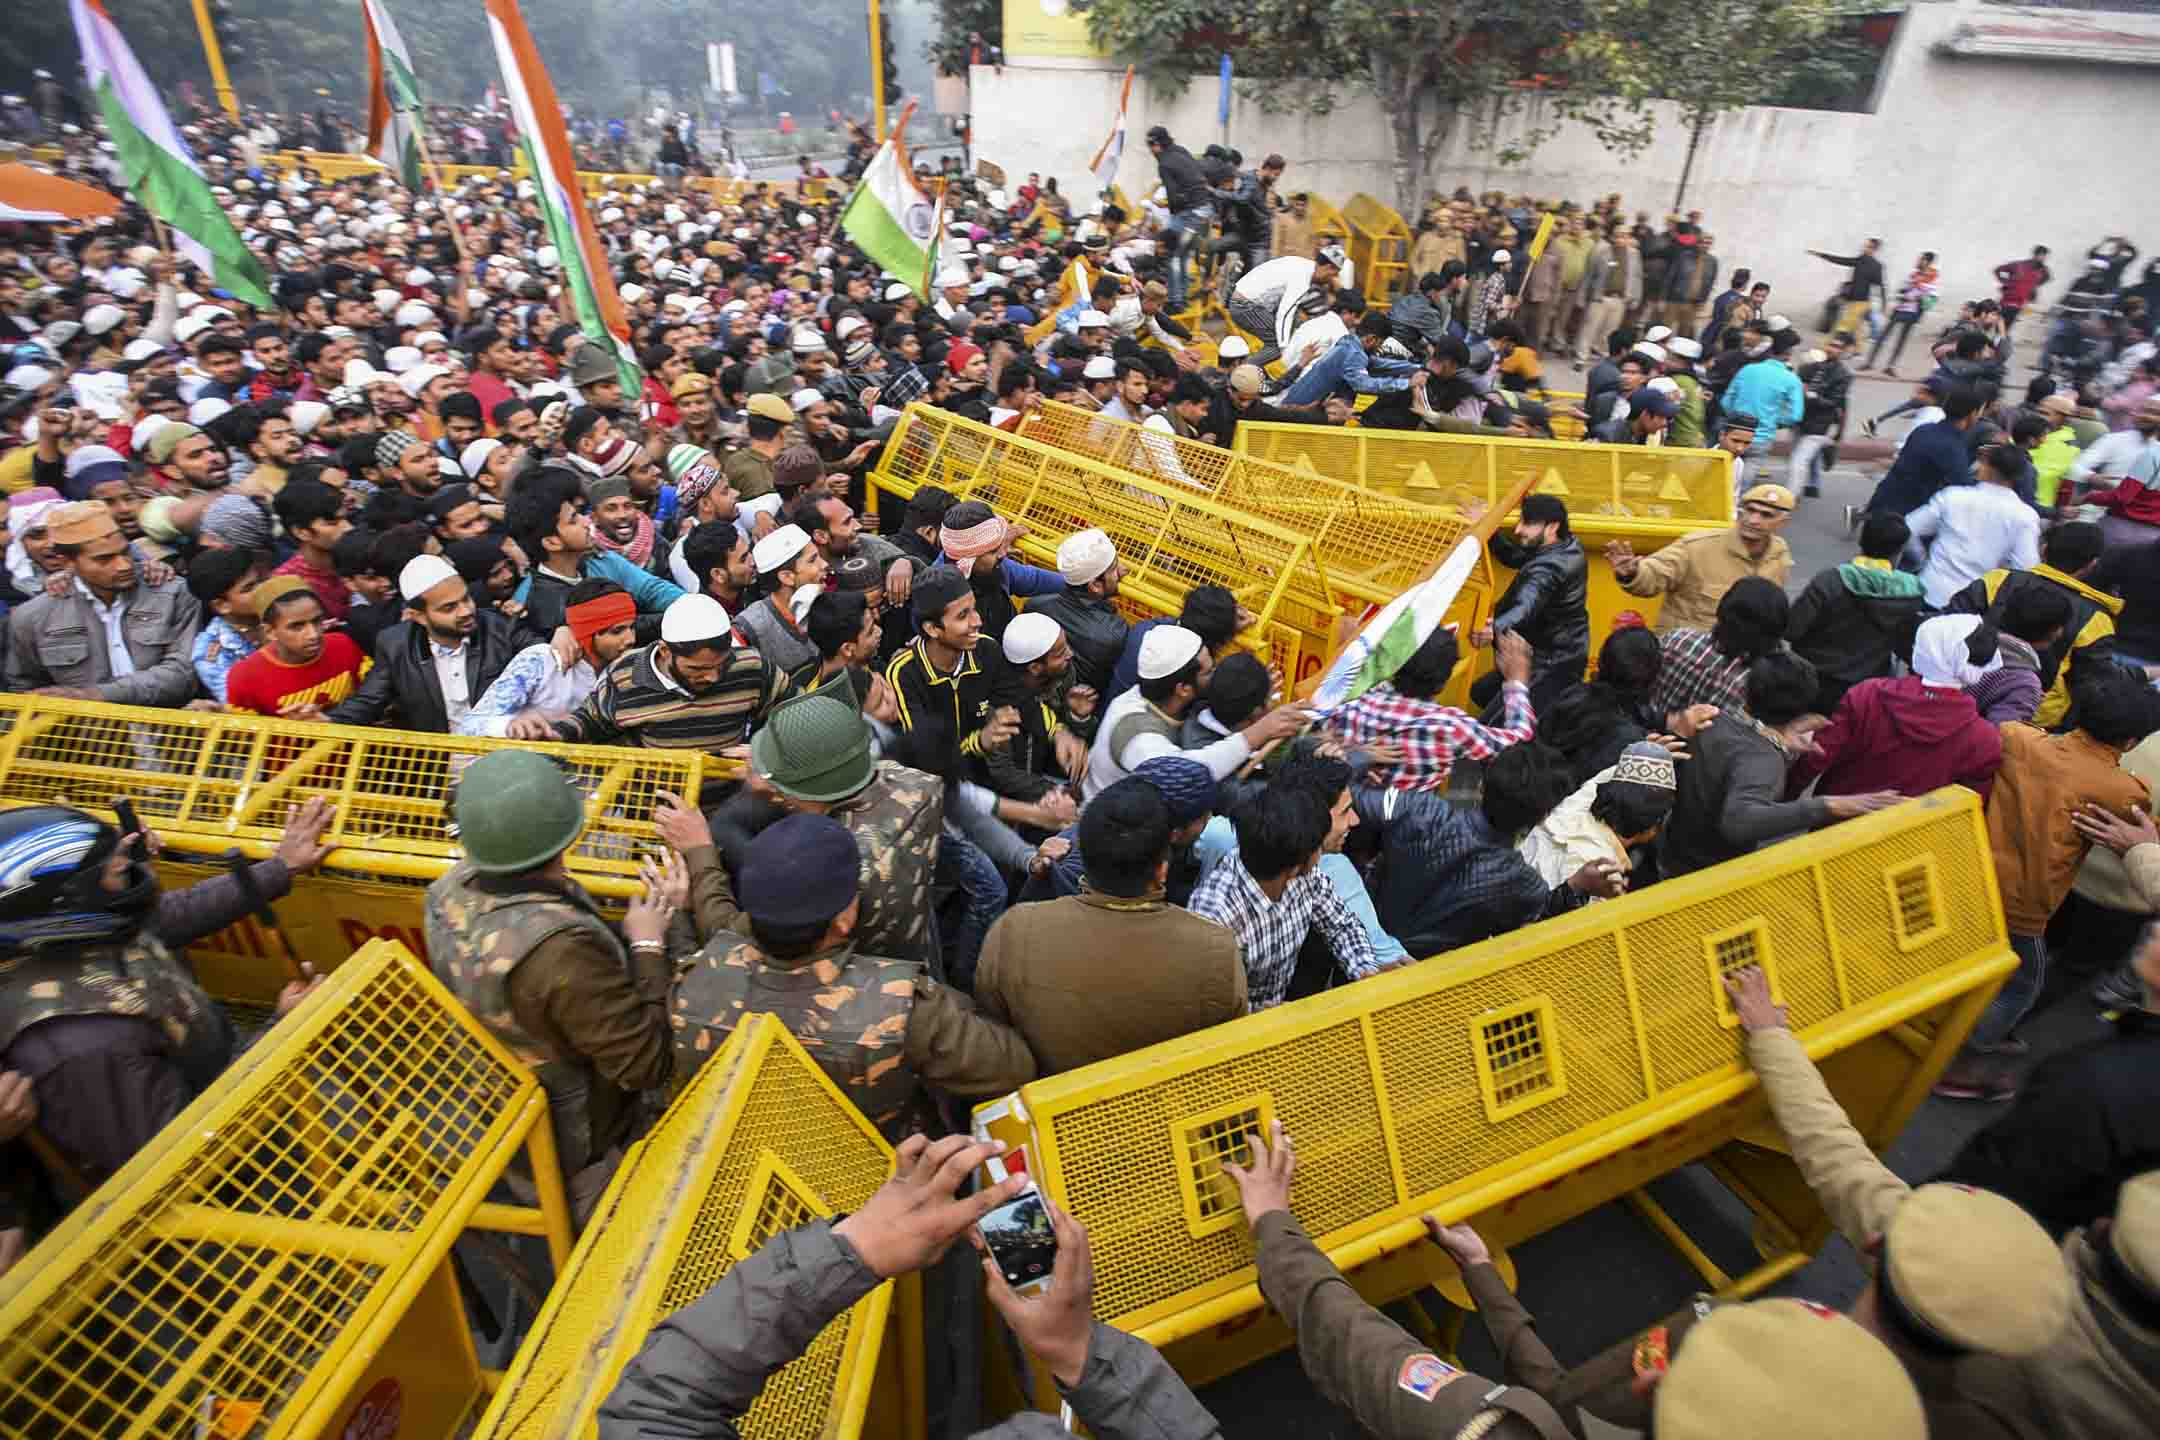 2019年12月20日,印度新德里舉行的反對《公民身份法》修正案的抗議活動中,示威者越過警察路障。